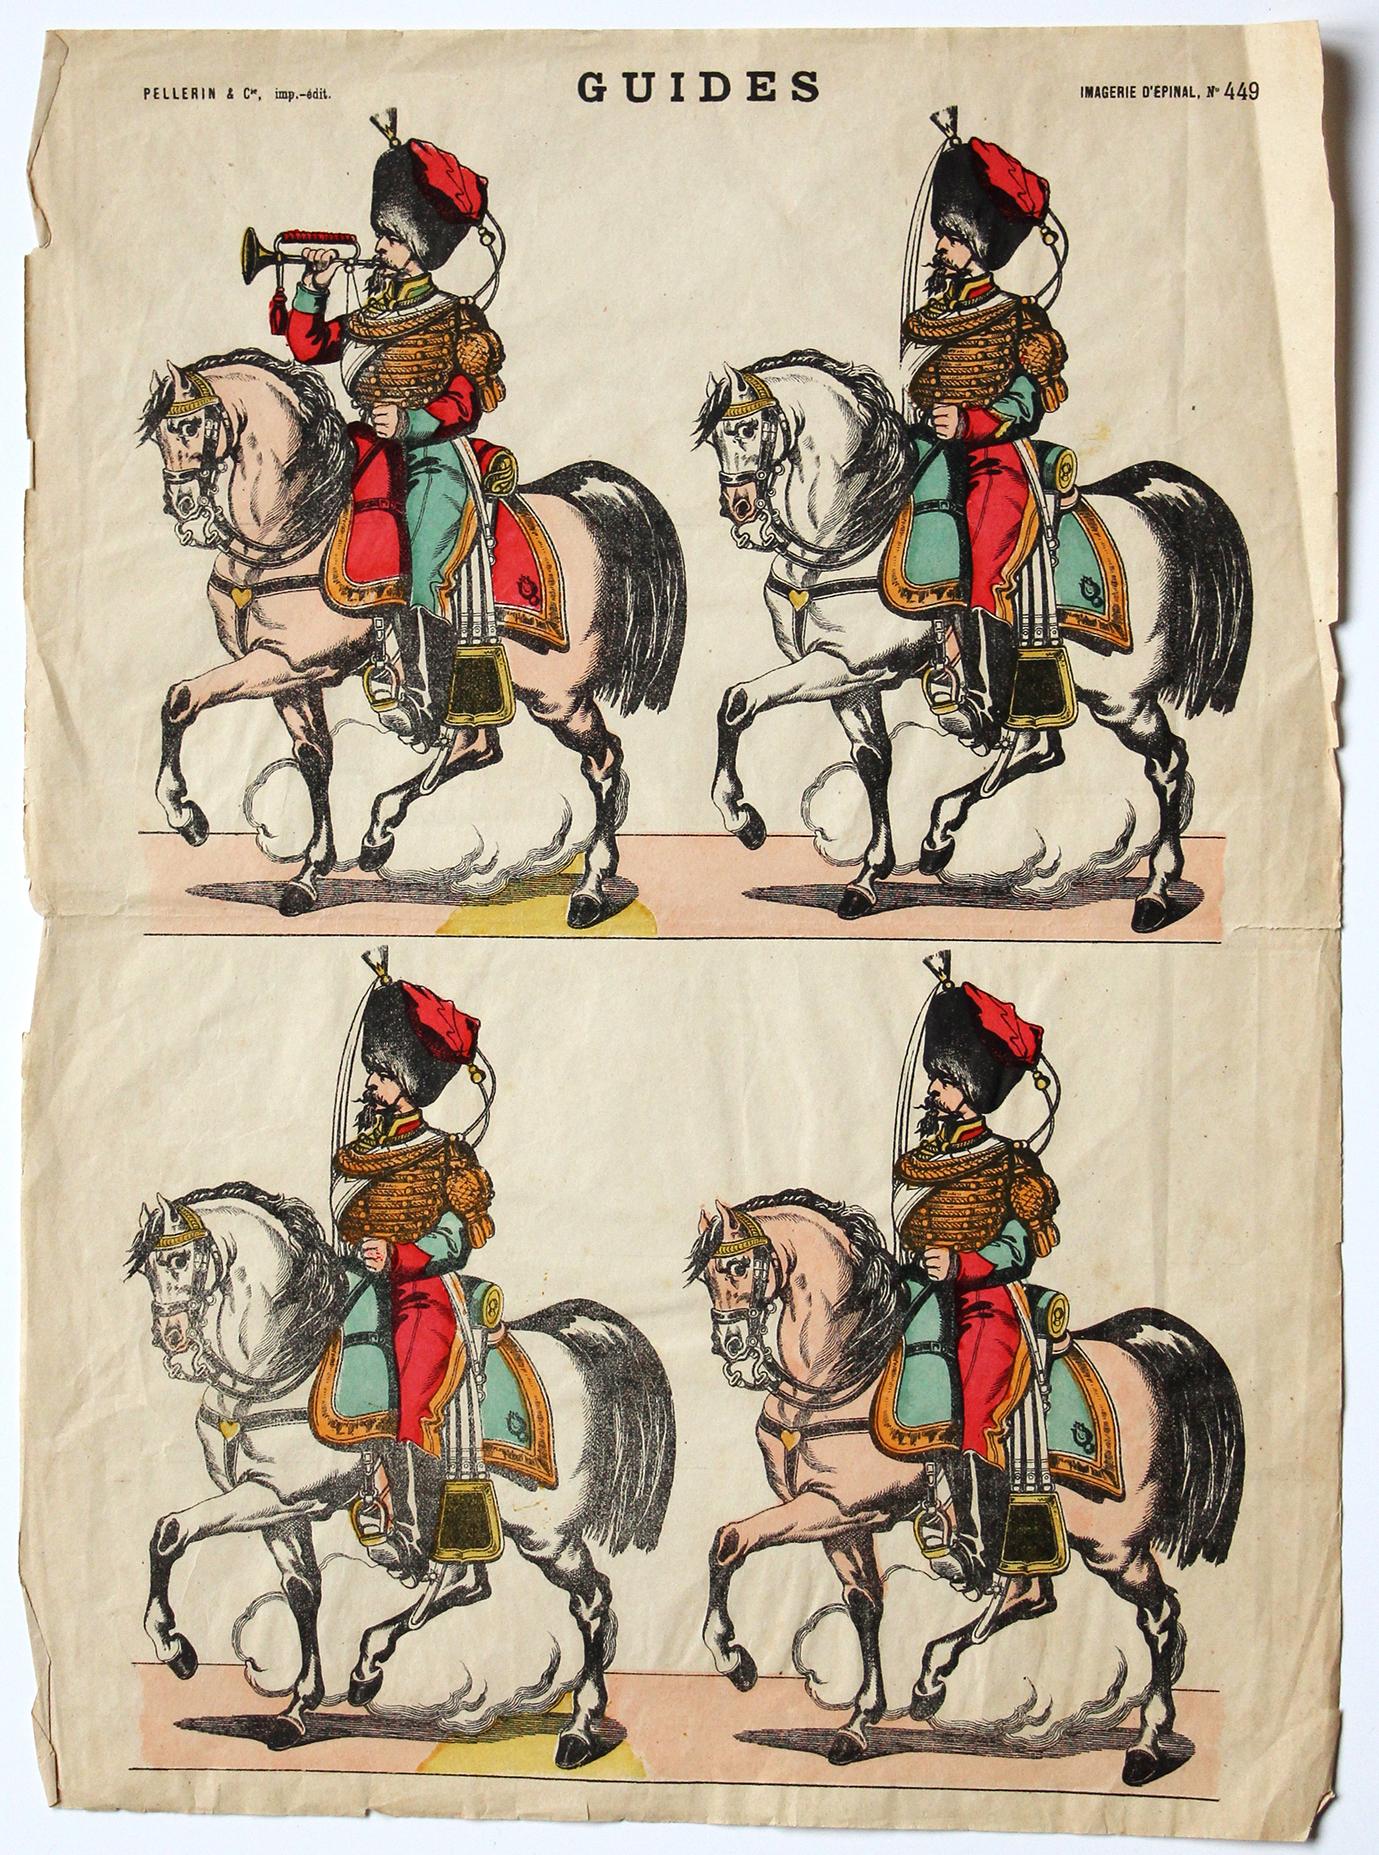 Planche imagerie Epinal - Pellerin Editeur - N°449 - Guides de la garde Impériale - Second Empire - Armée Française